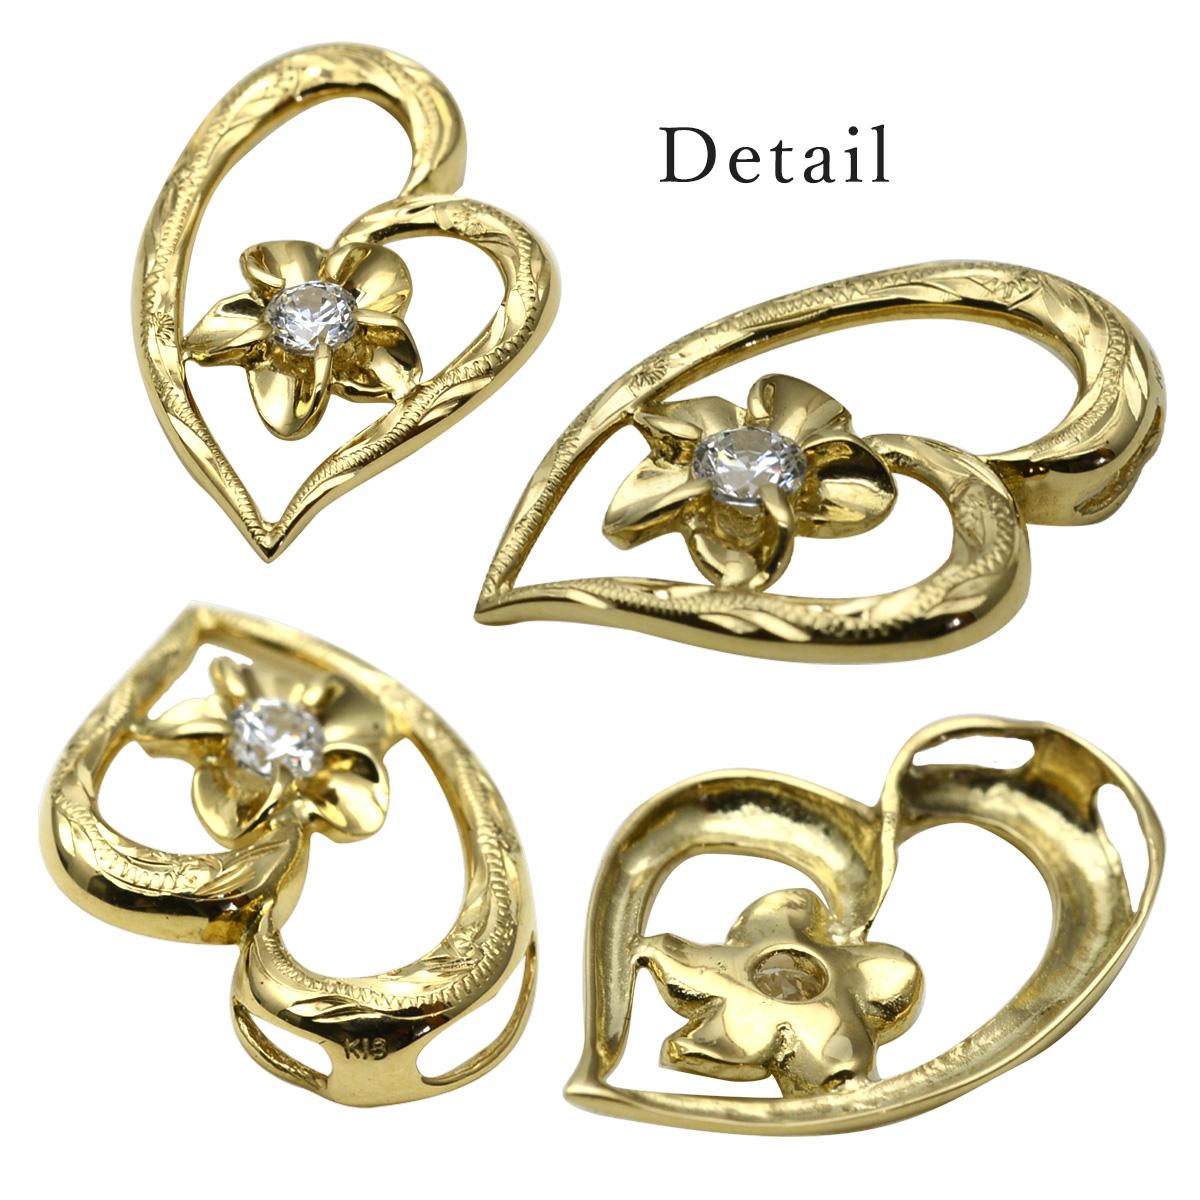 ハワイアンジュエリー ネックレス K10 GOLD オープンハート プルメリア ダイヤモンド ペンダントトップ ※付属チェーンなし apd1196ac